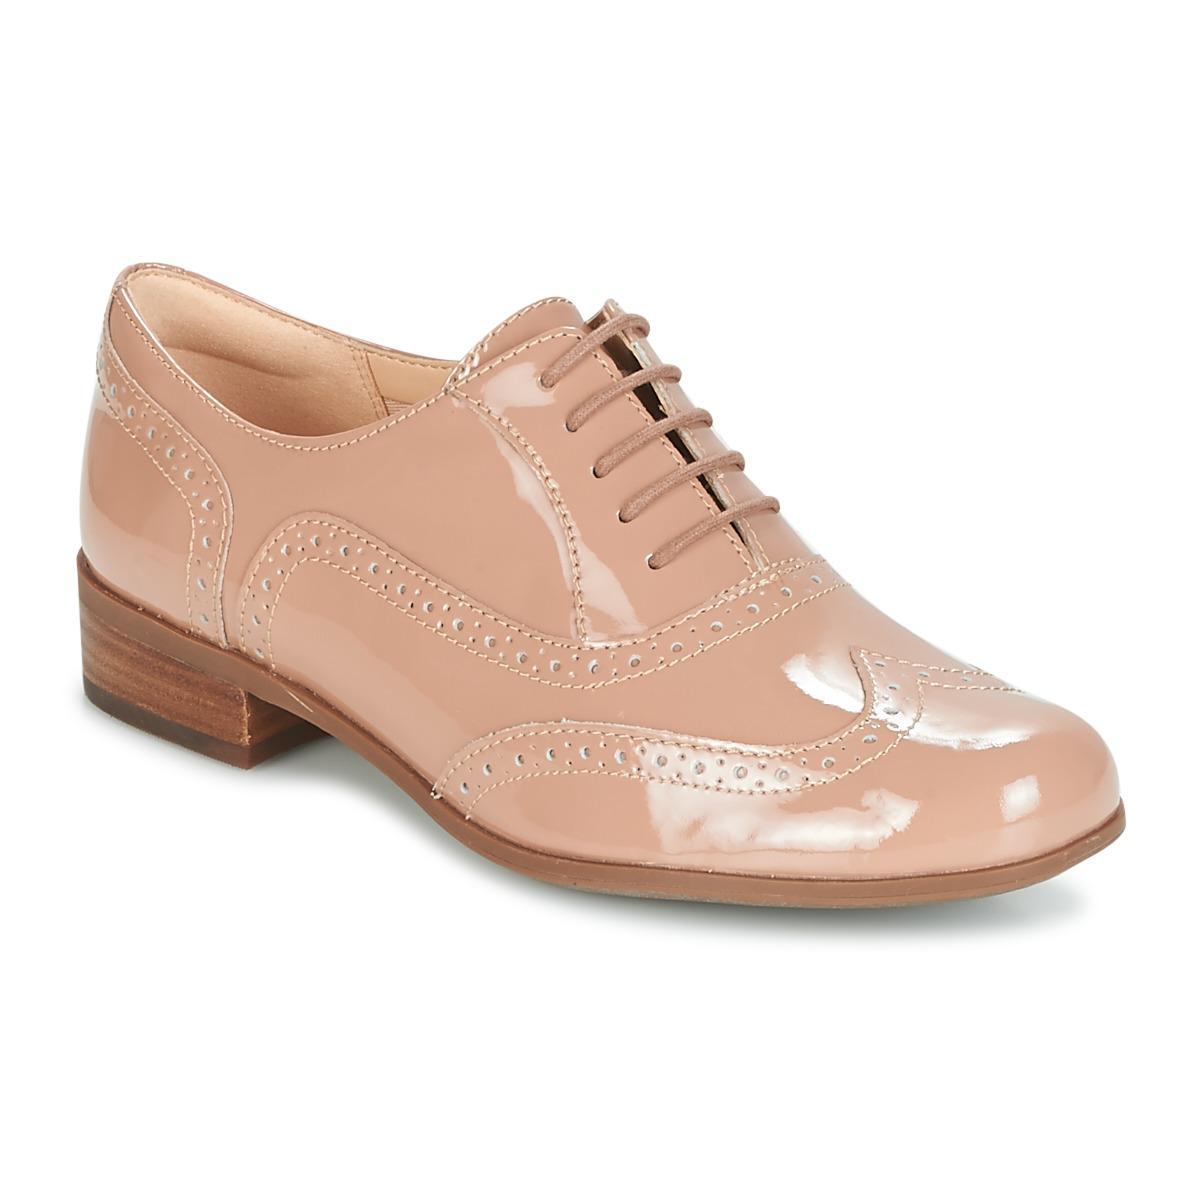 956b8340818 Clarks - Hamble Oak Women s Smart   Formal Shoes In Pink - Lyst. View  fullscreen